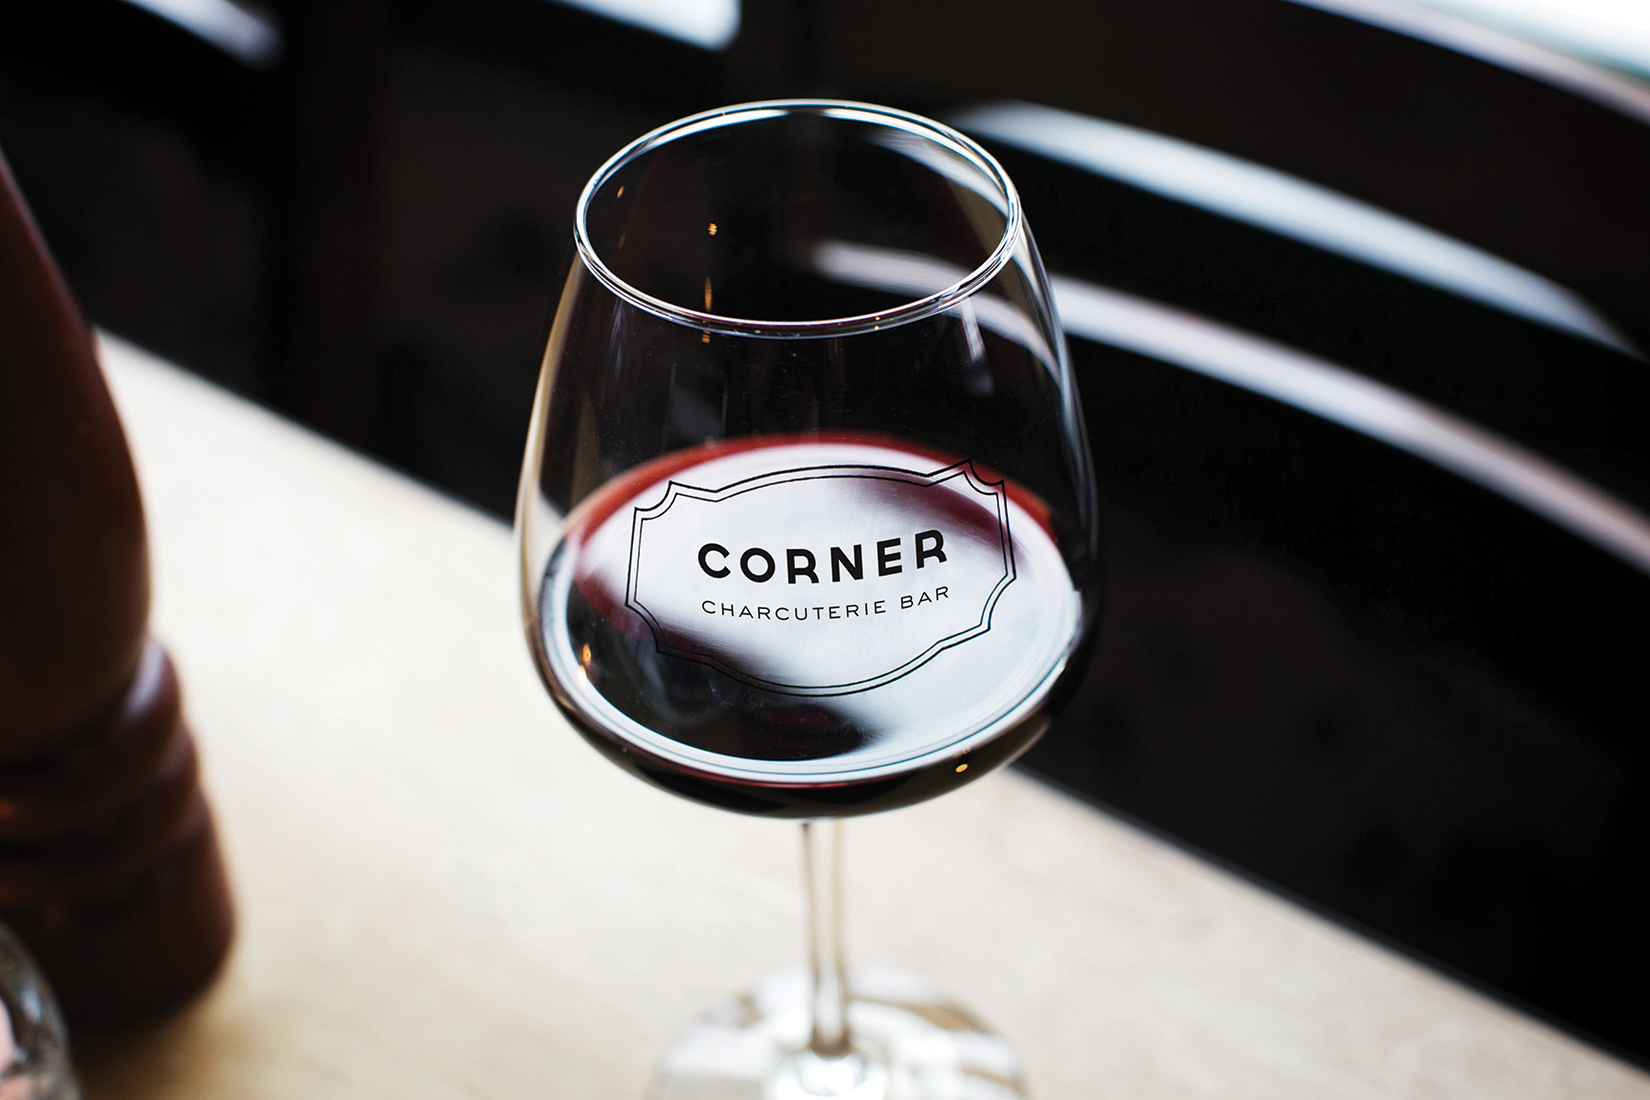 Corner Charcuterie Bar: Glassware Design